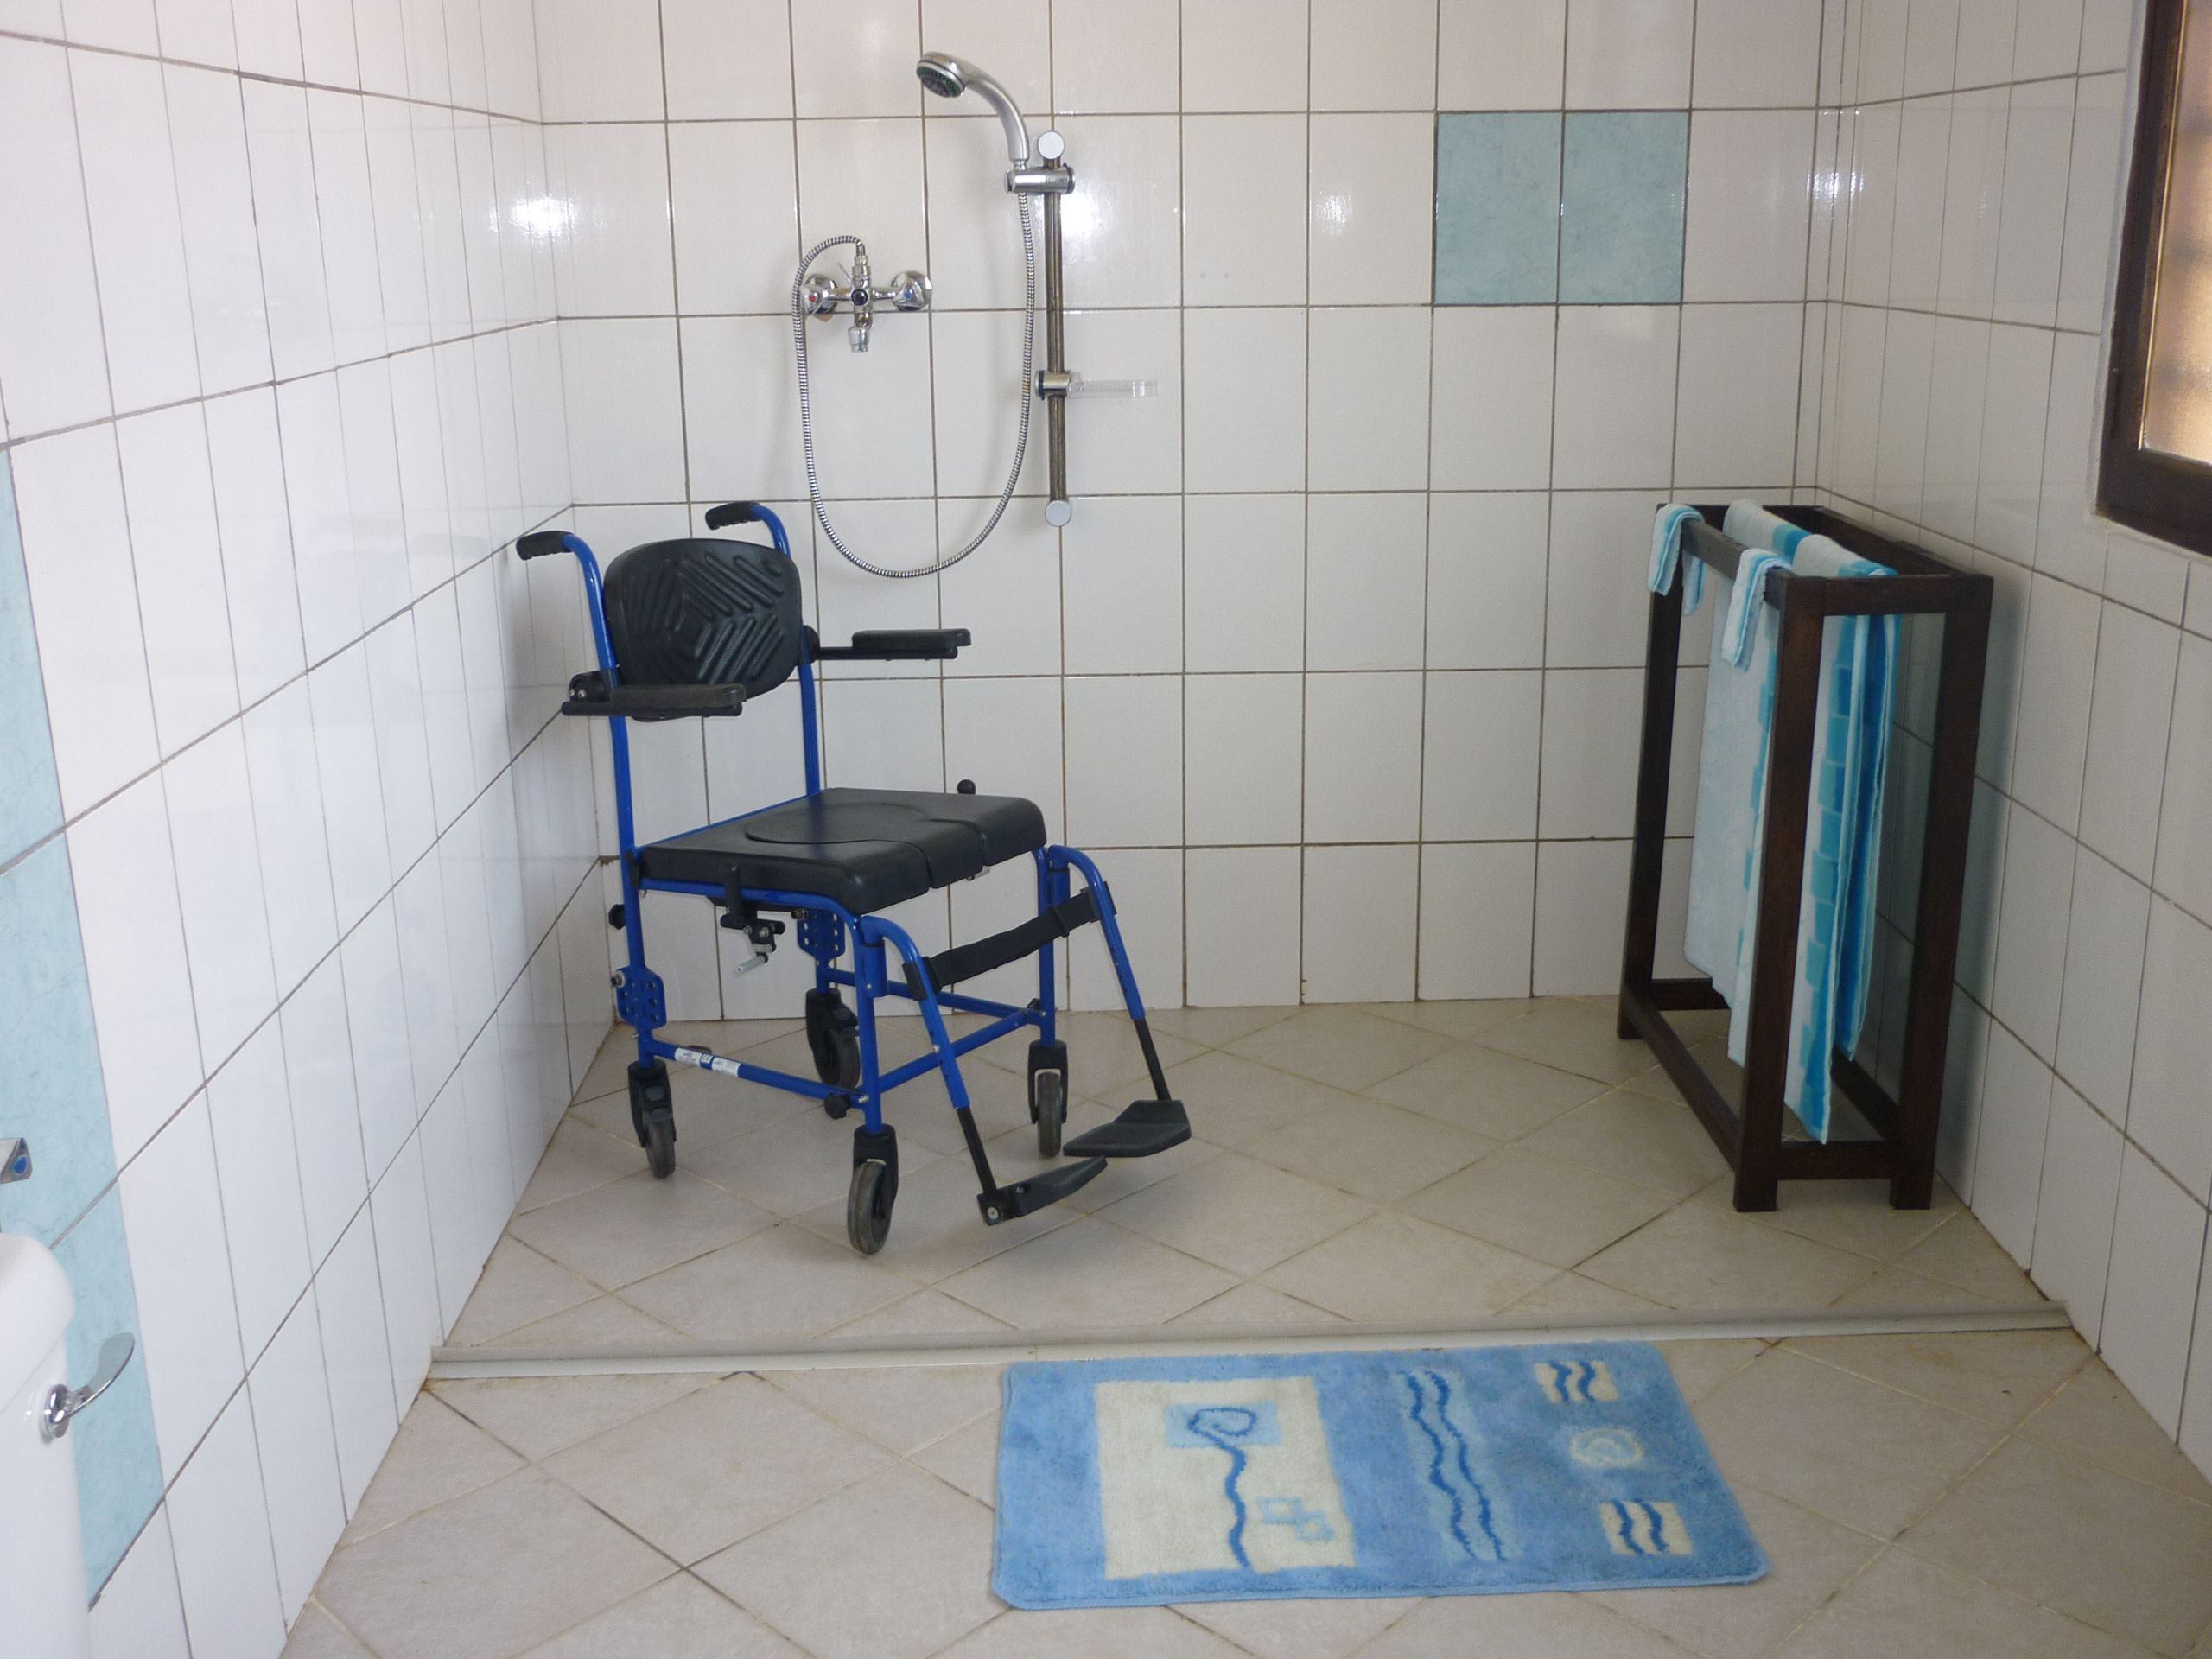 unique chaise de bain pour handicape chaise douche archives page 9 sur 13 bureaux prestige idees inspirantes